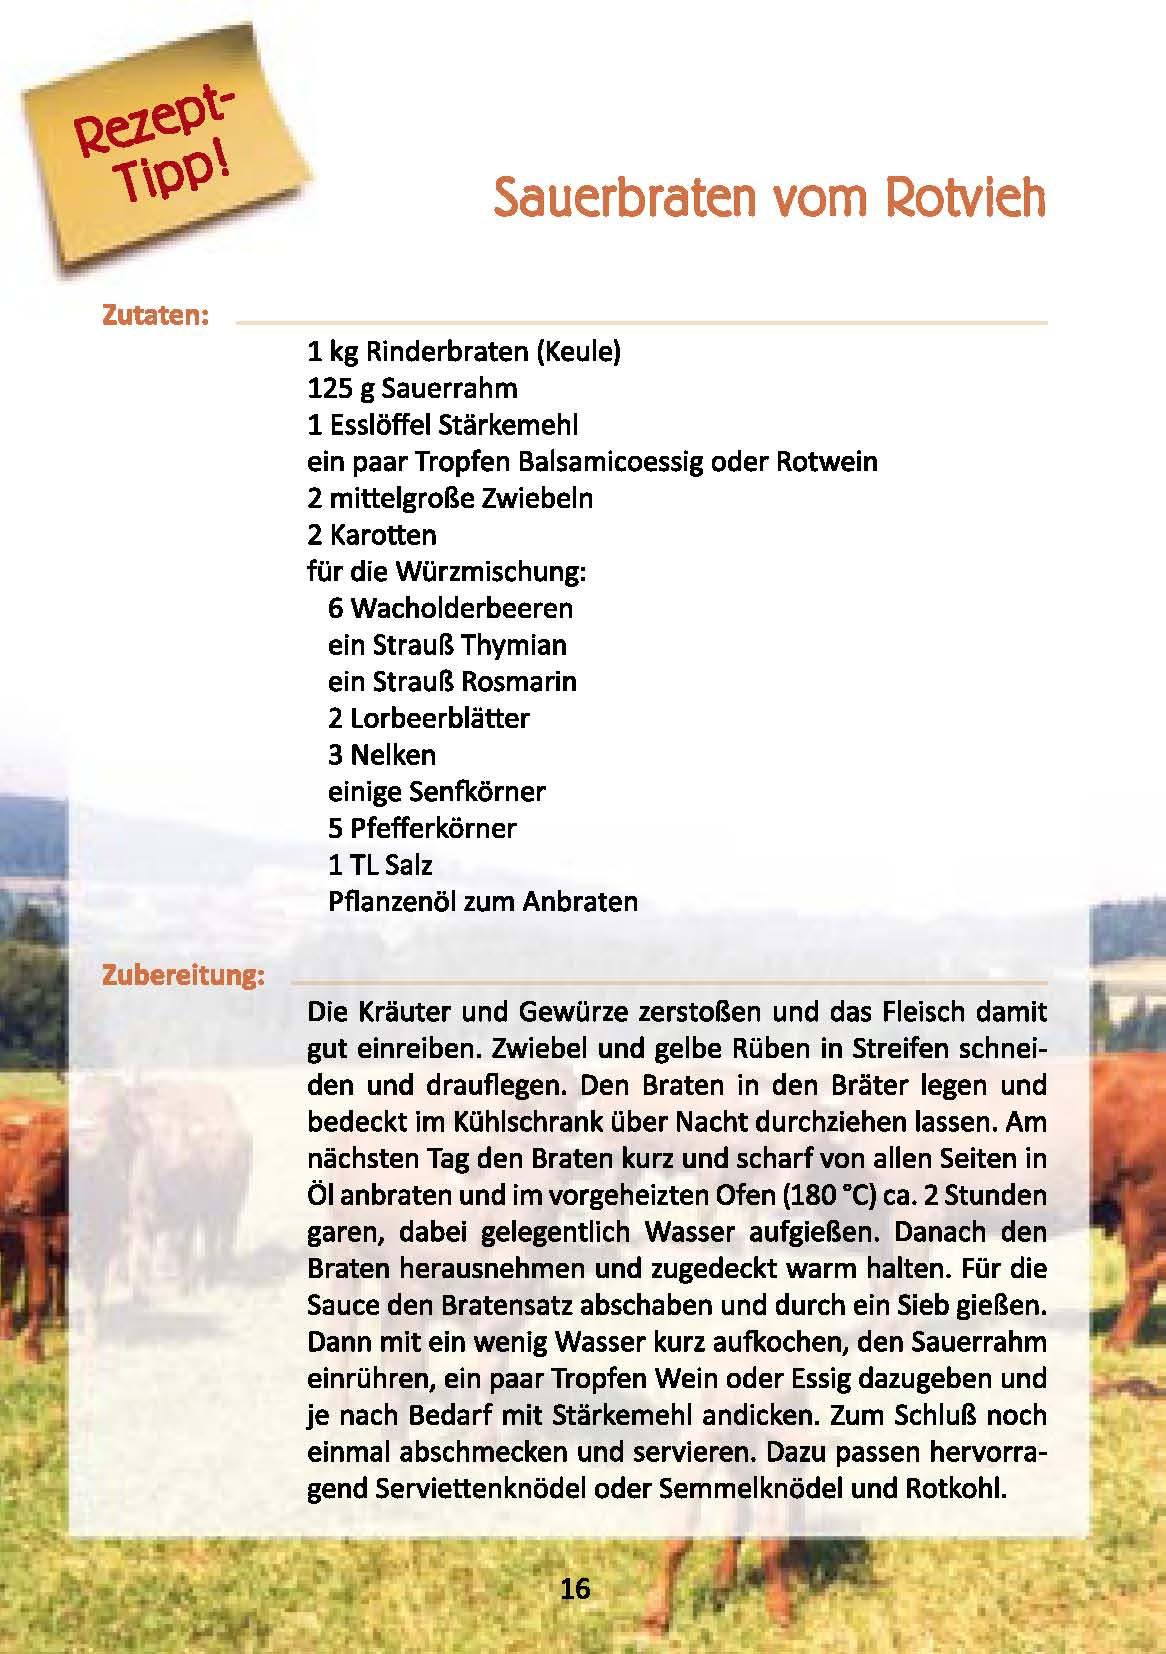 Sauerbraten-vom-Rotvieh